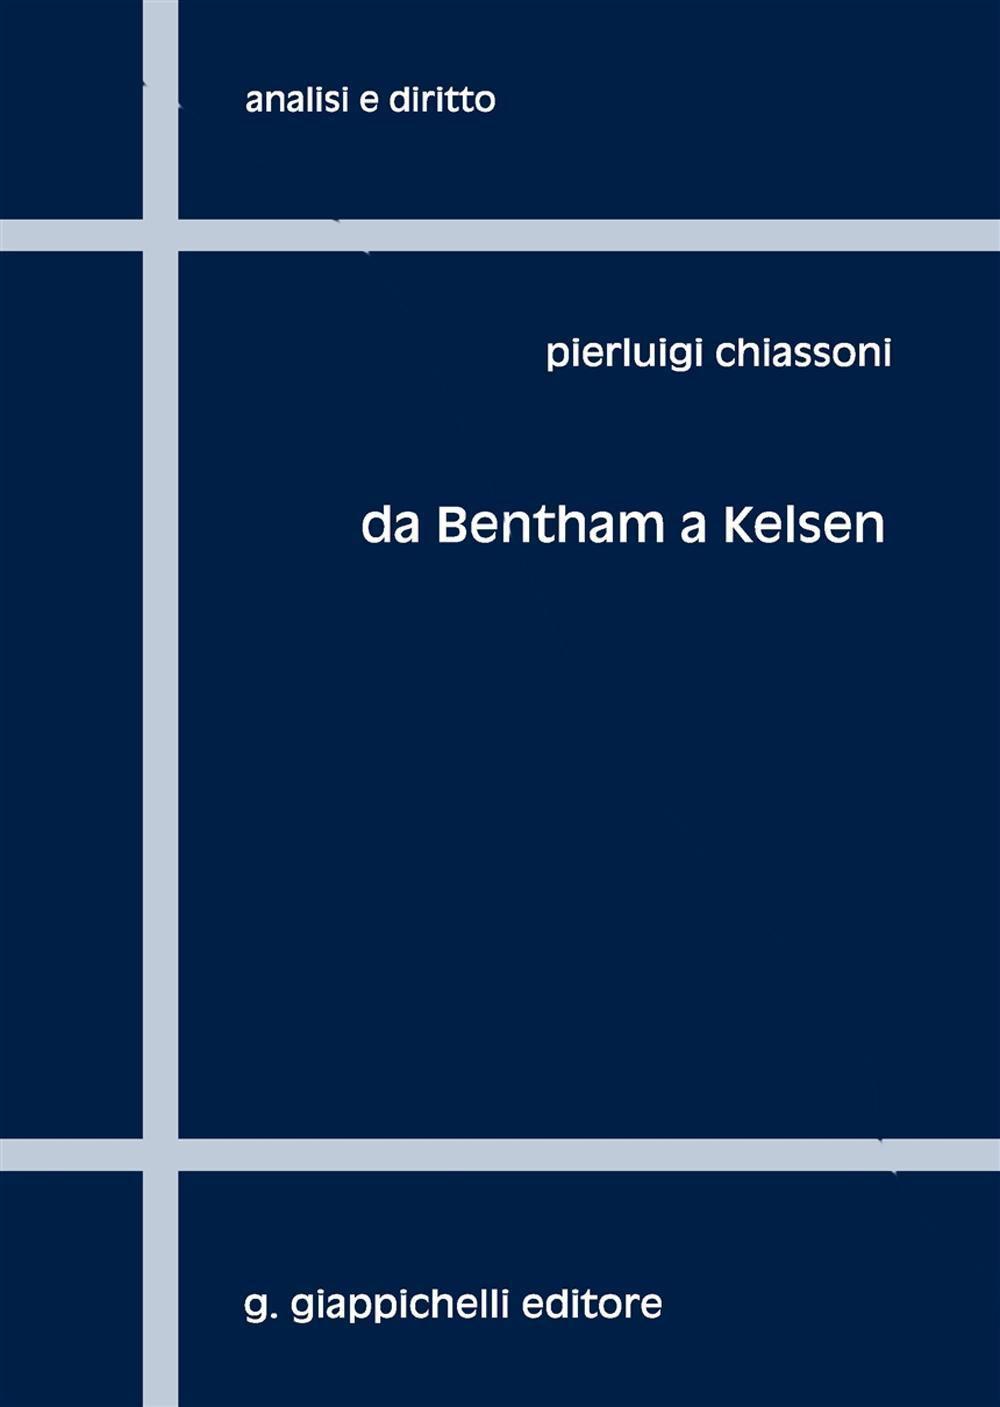 Da Bentham a Kelsen: sei capitoli per una storia della filosofia analitica del diritto. Pierluigi Chiassoni